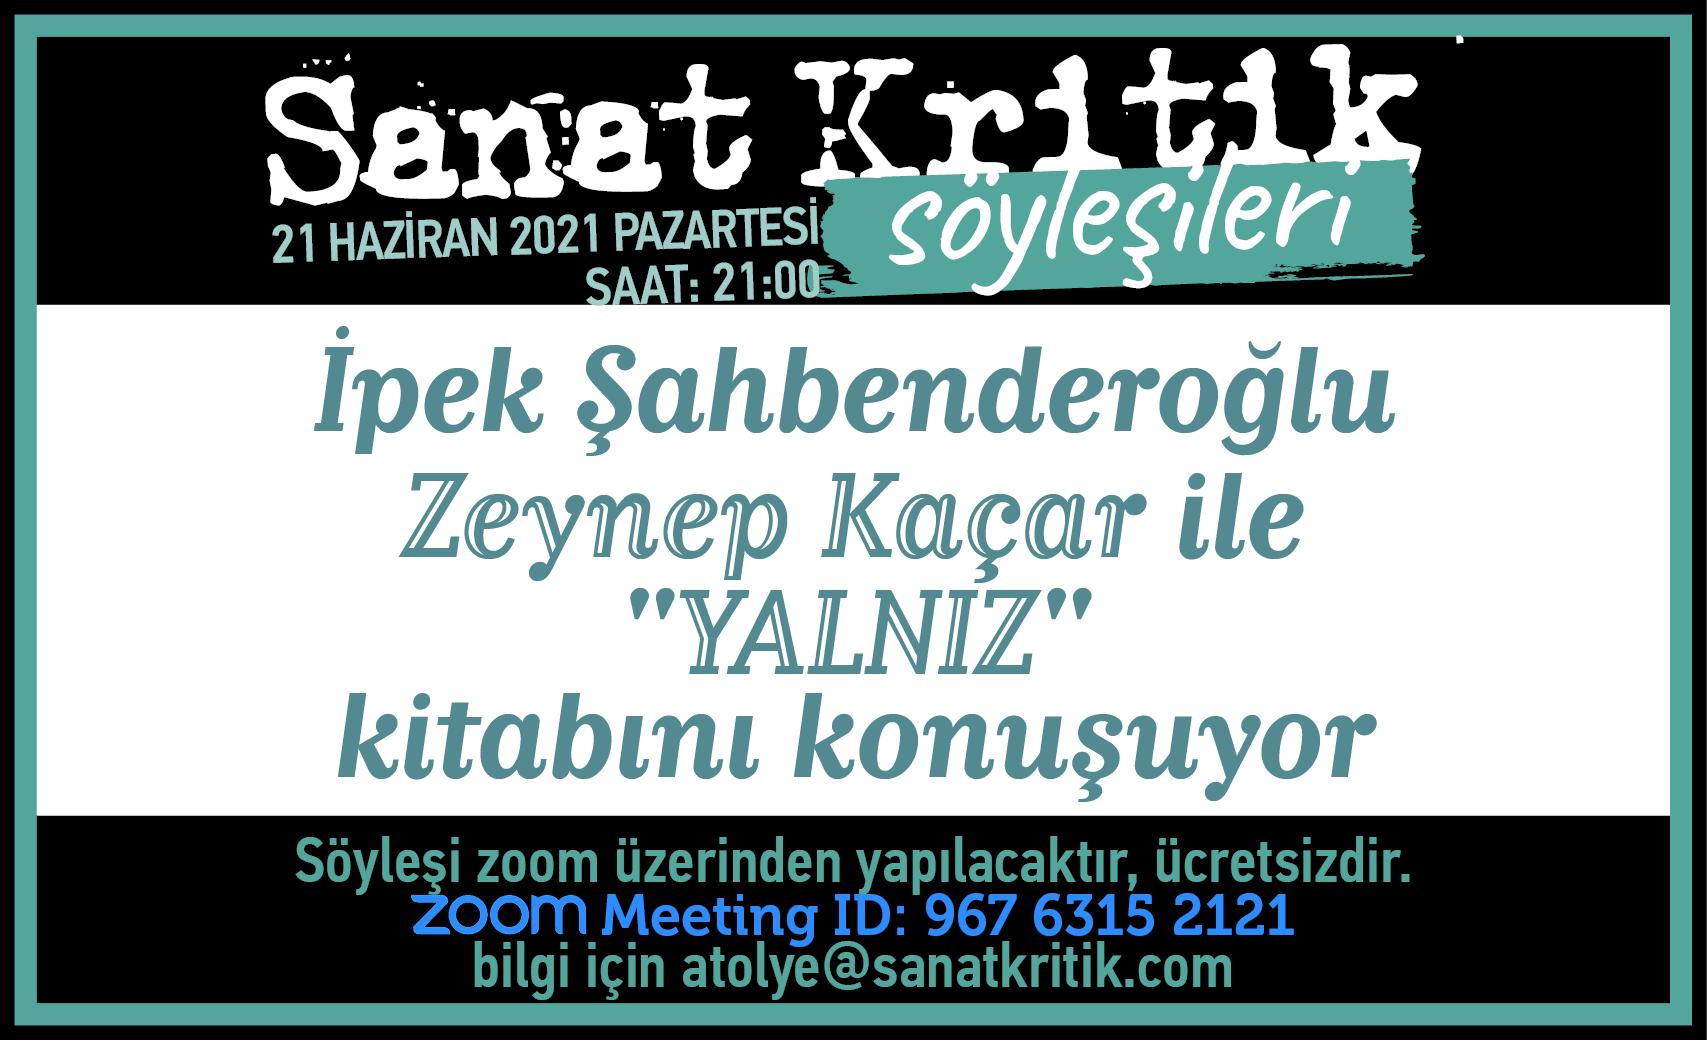 Sanat-Kritik-soylesi_ZK-1